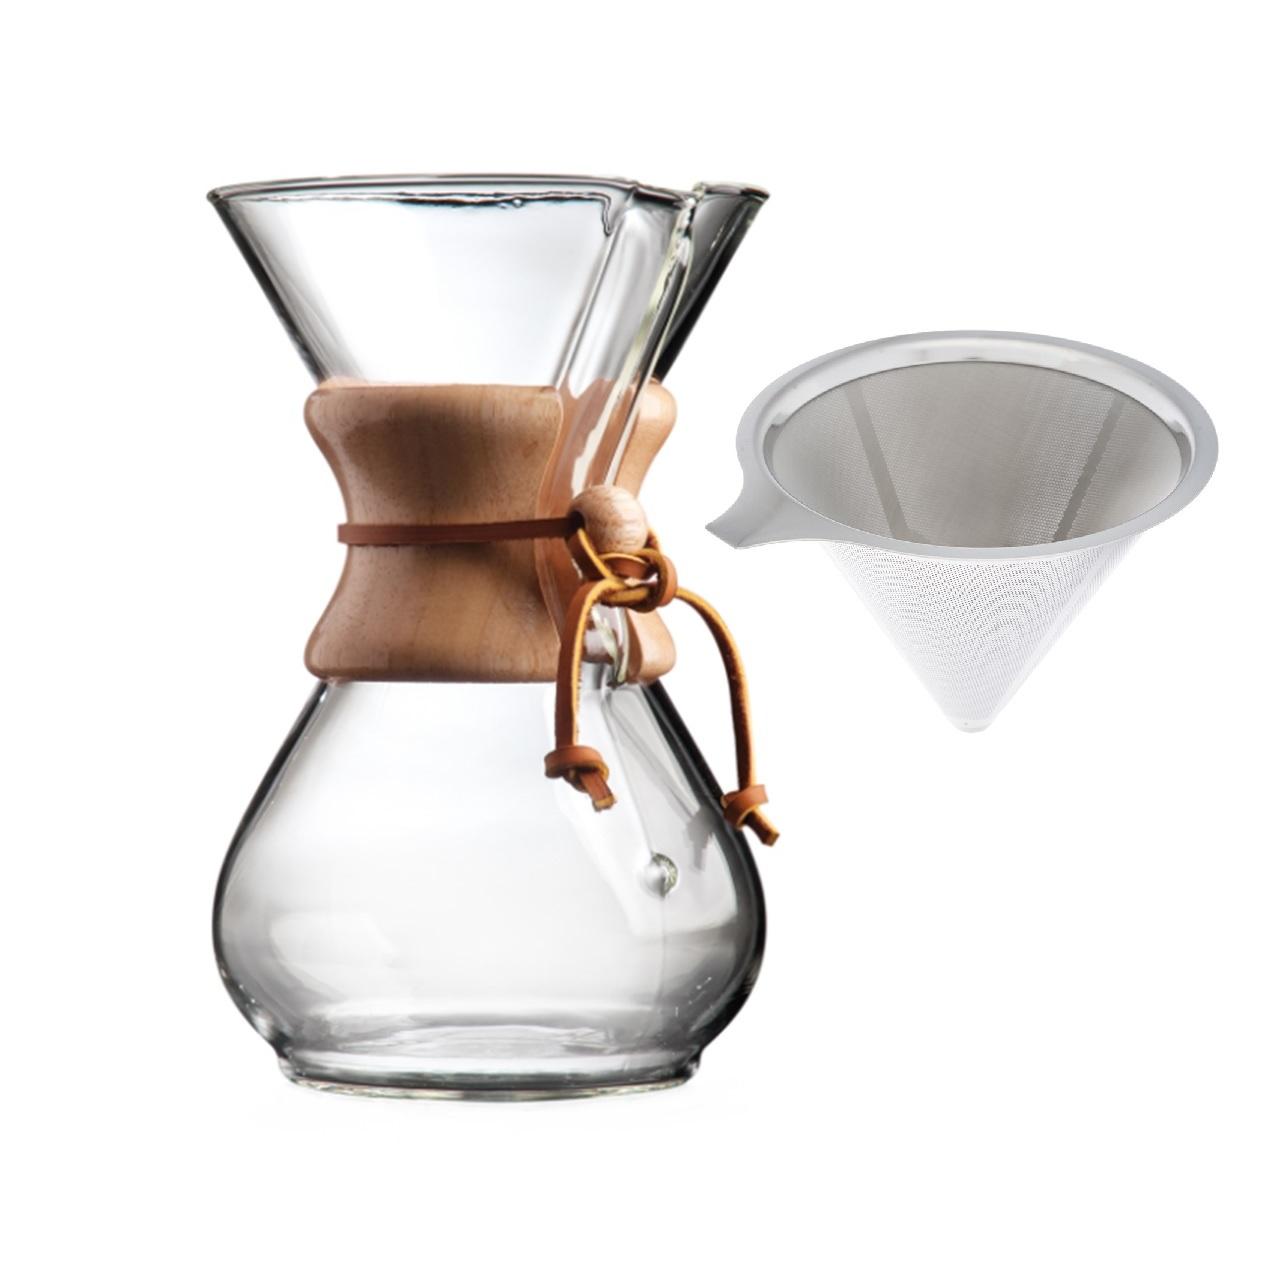 قهوه ساز  طرح کمکس مدل  6 کاپ به همراه فیلتر فلزی